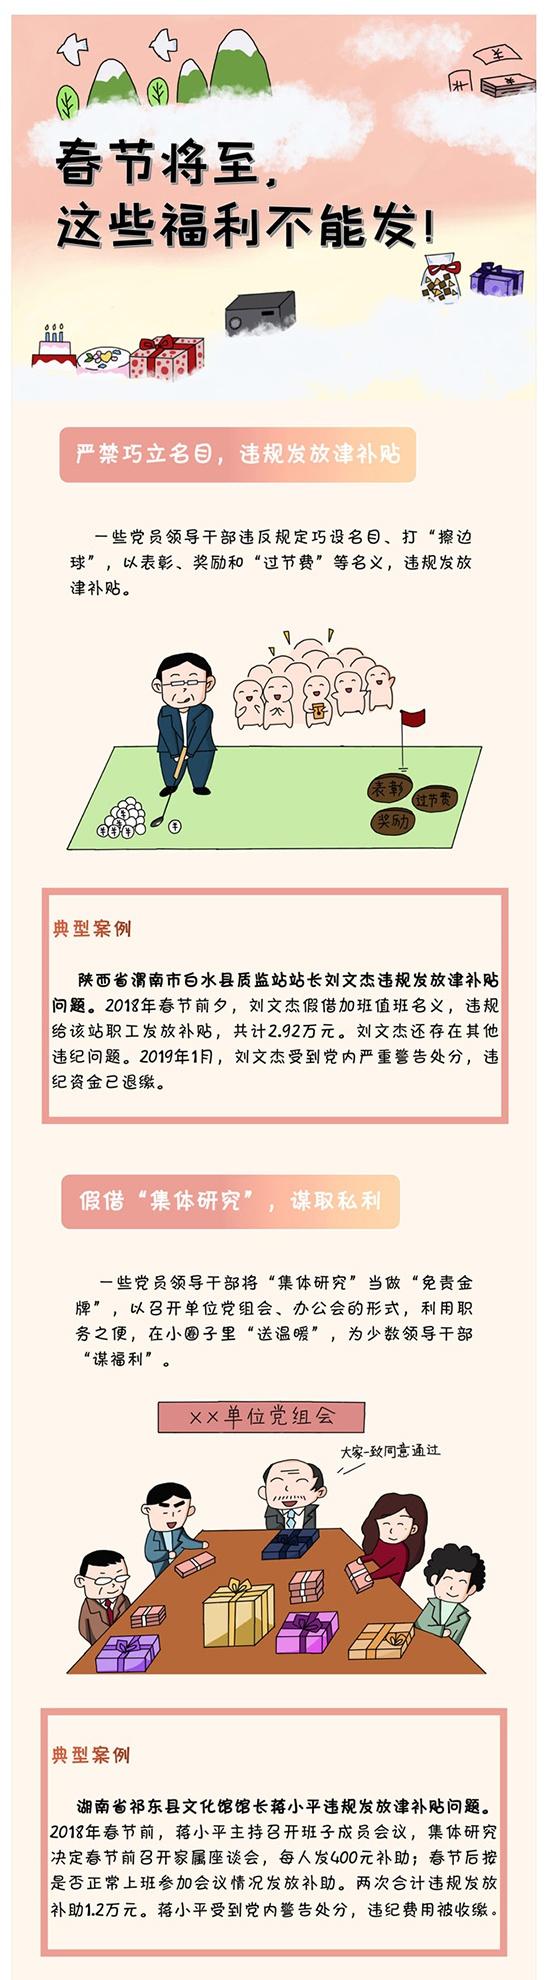 以案为鉴|春节将至,这些福利不能发!